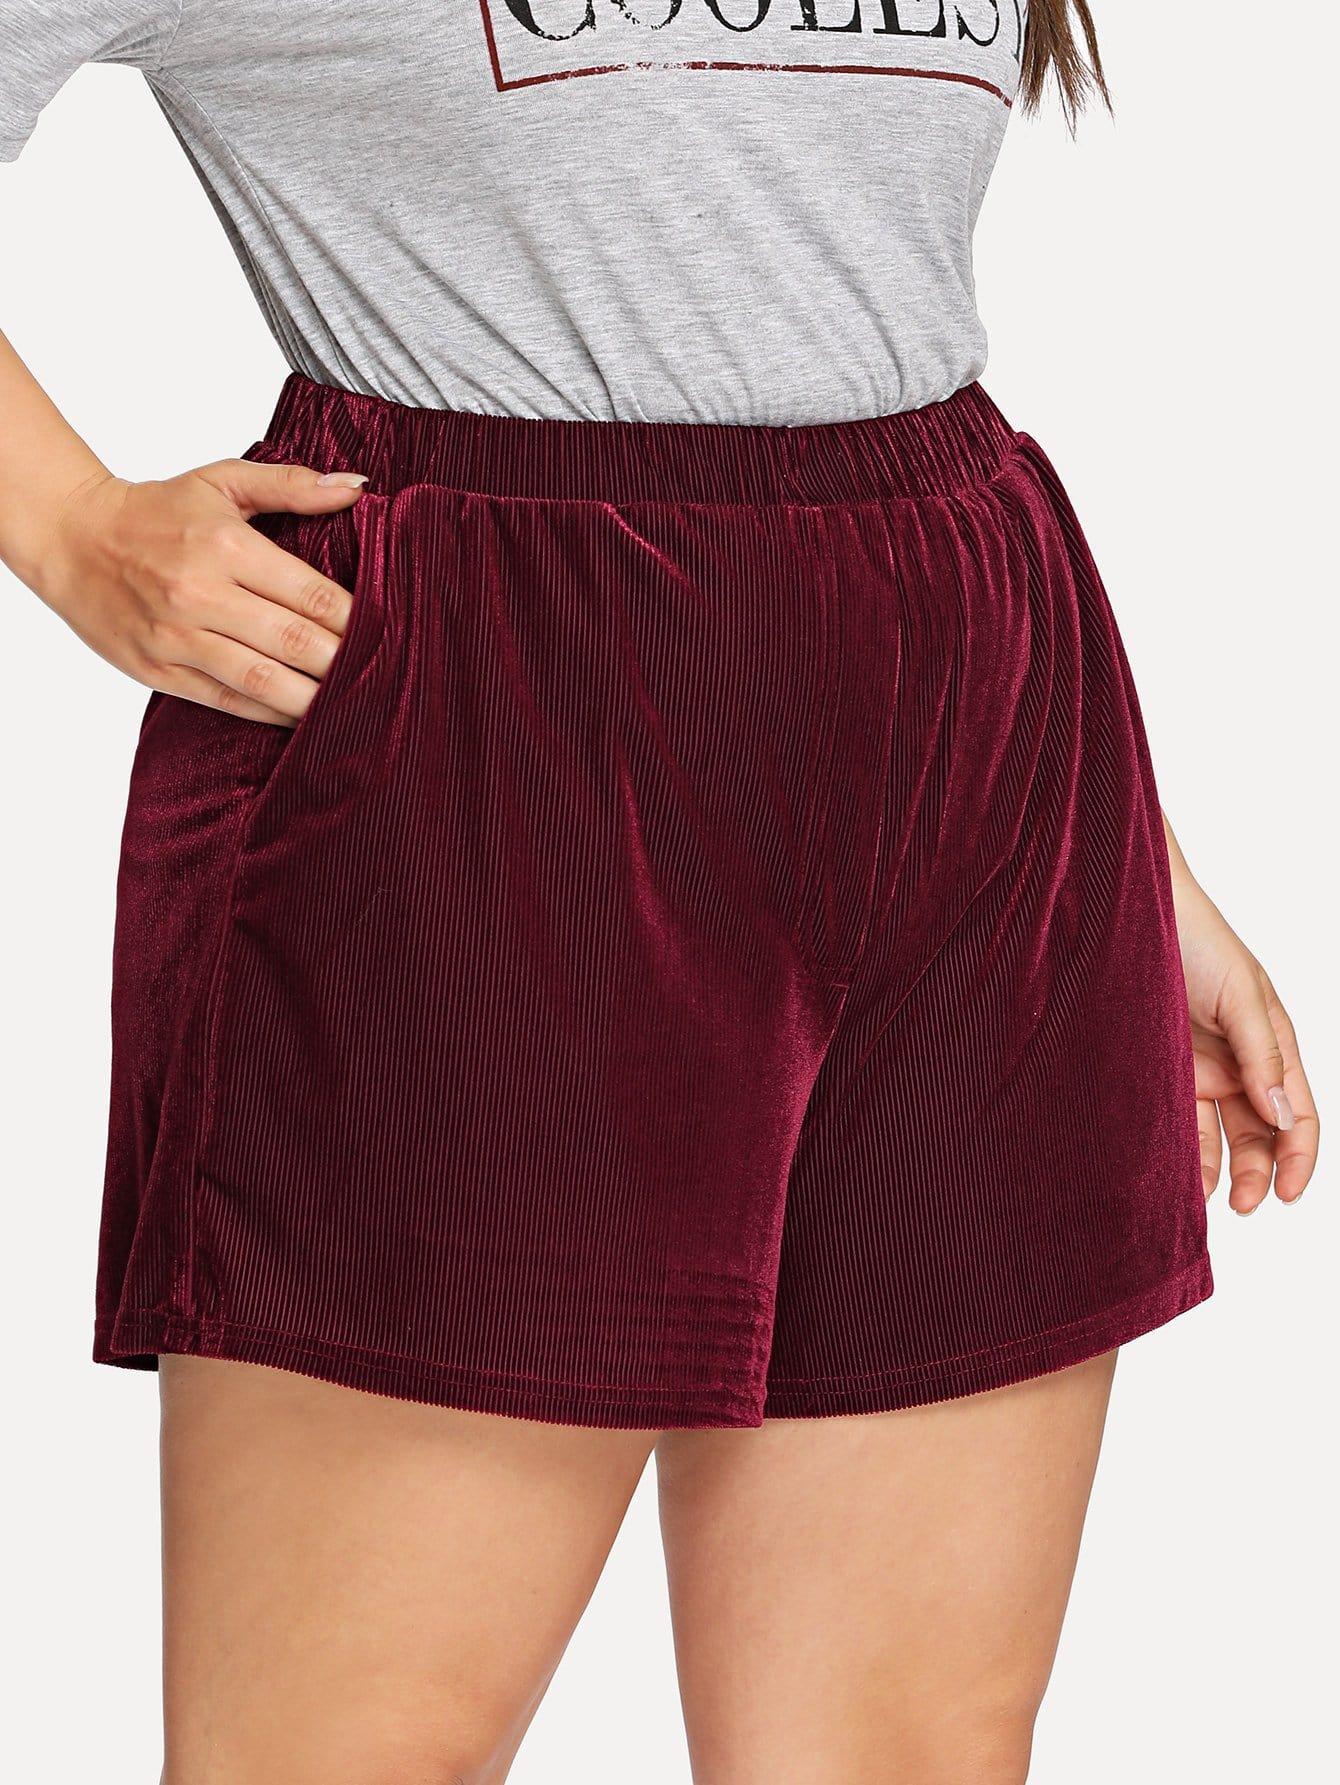 Plus Elastic Waist Ribbed Velvet Shorts burgundy mini elastic velvet high waist lace up front shorts